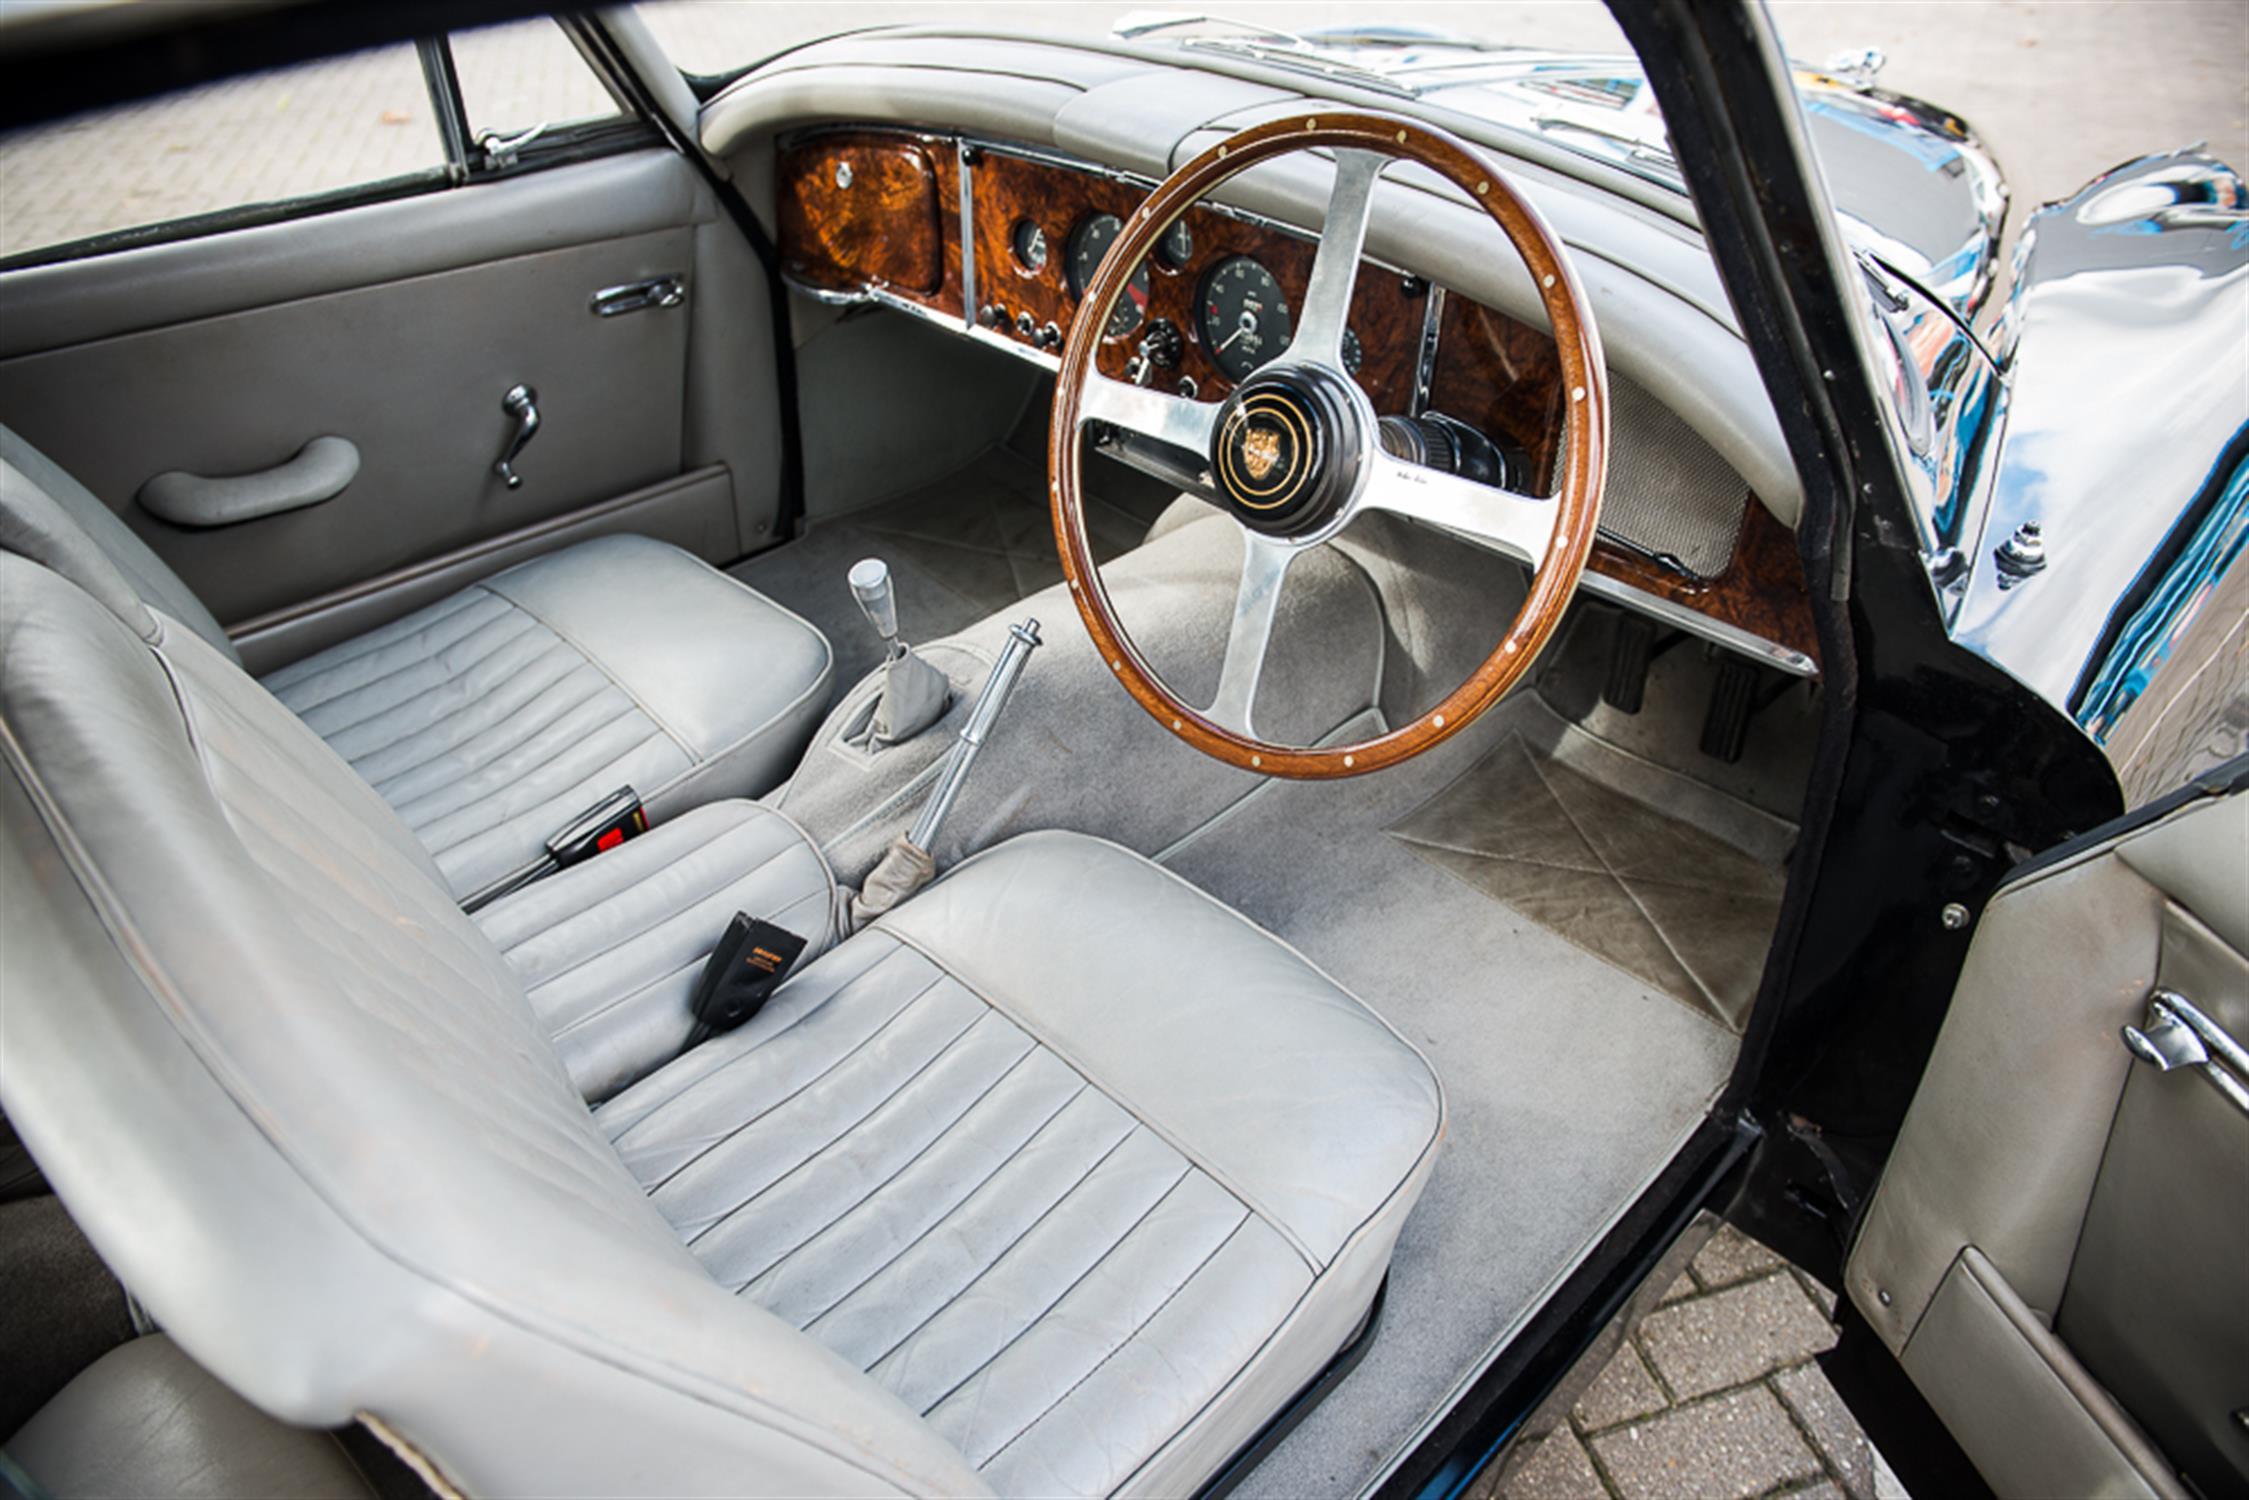 1960 Jaguar XK150 SE 3.4 FHC - Image 3 of 6